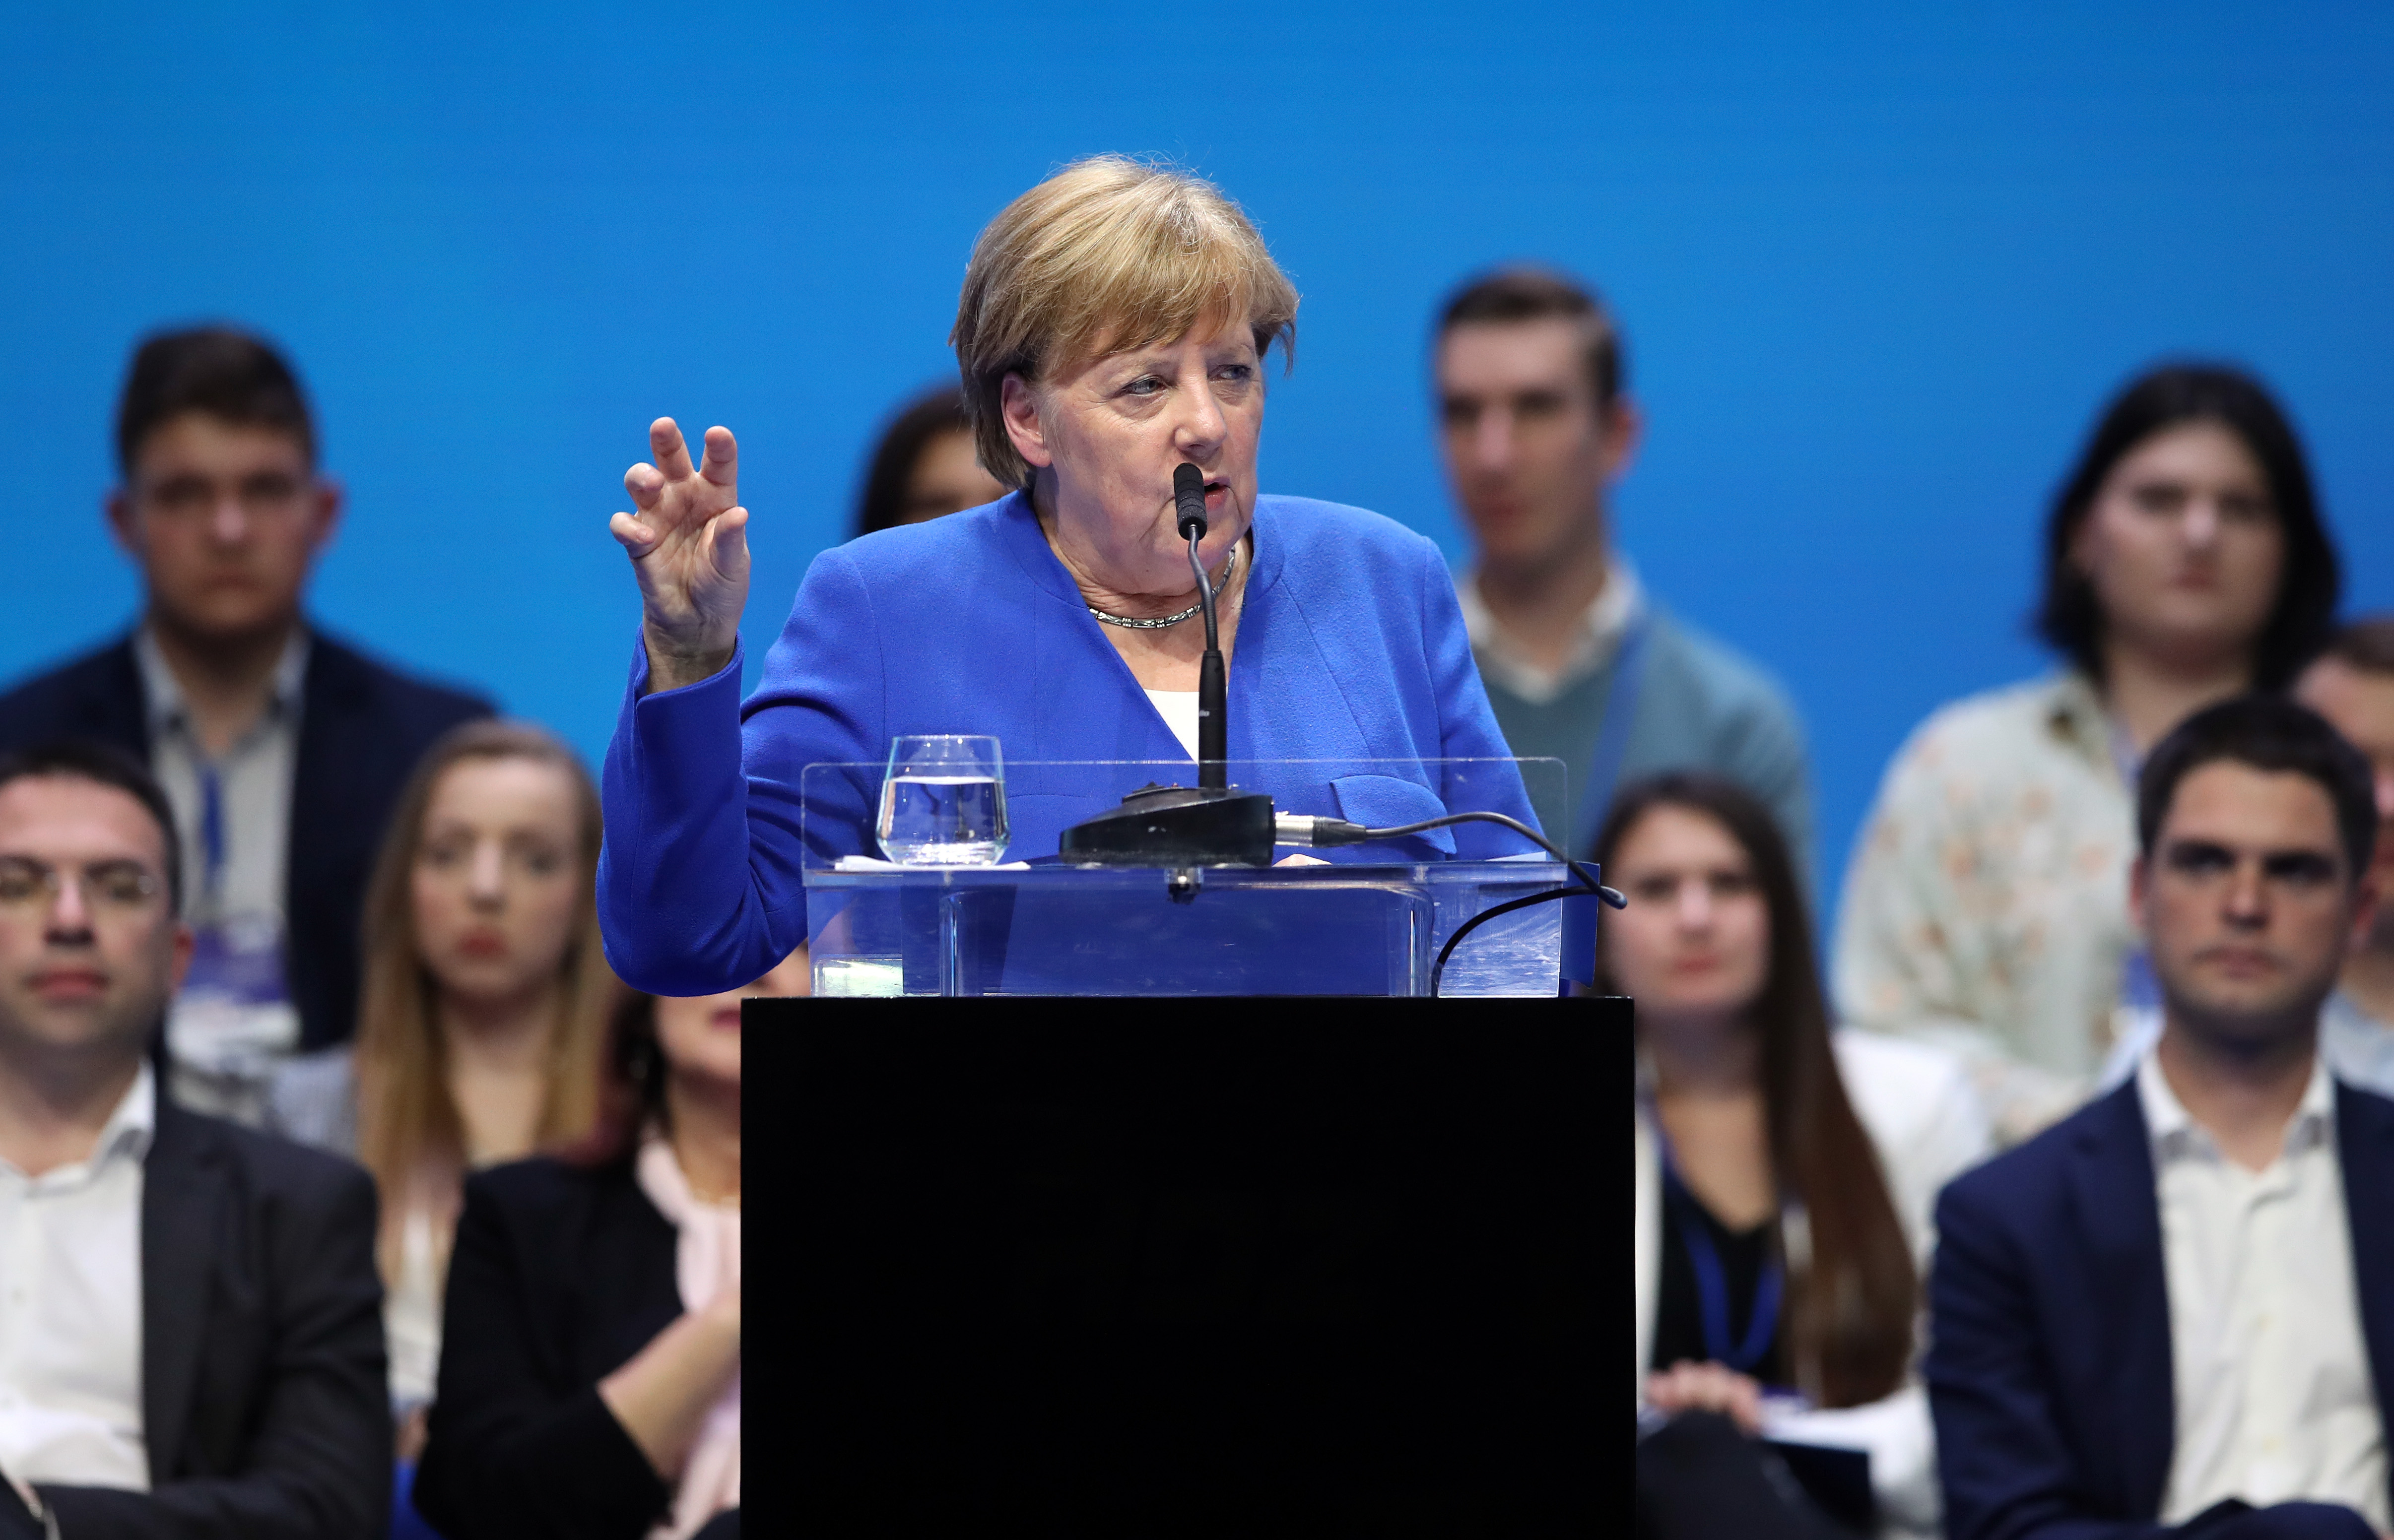 MERKEL NA SKUPU HDZ-A 'Nacionalizam je neprijatelj Europe'